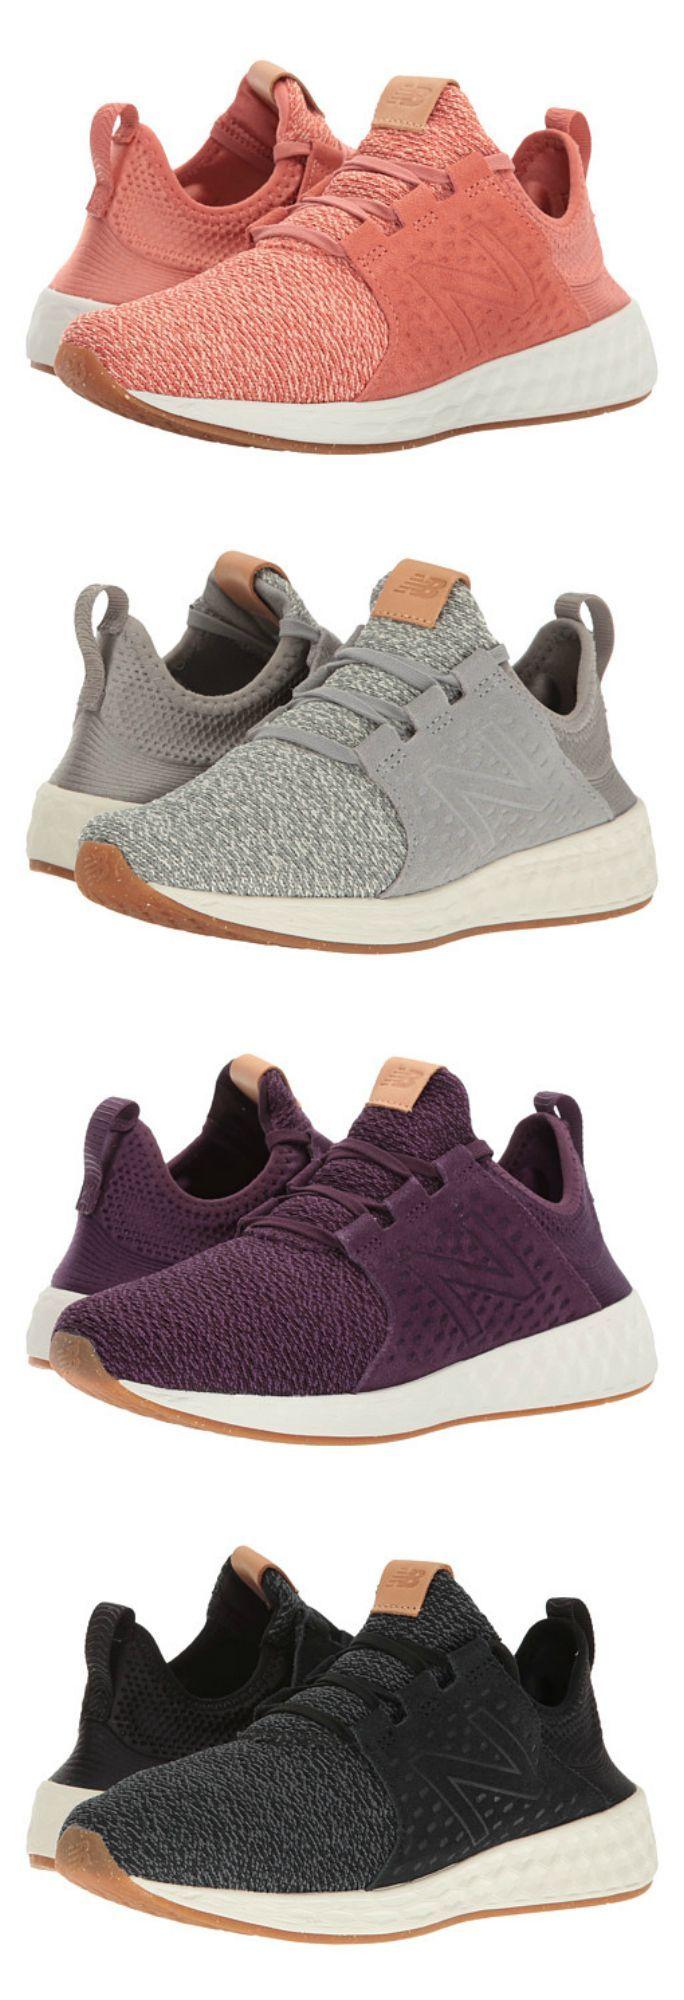 new balance sneakers amazon